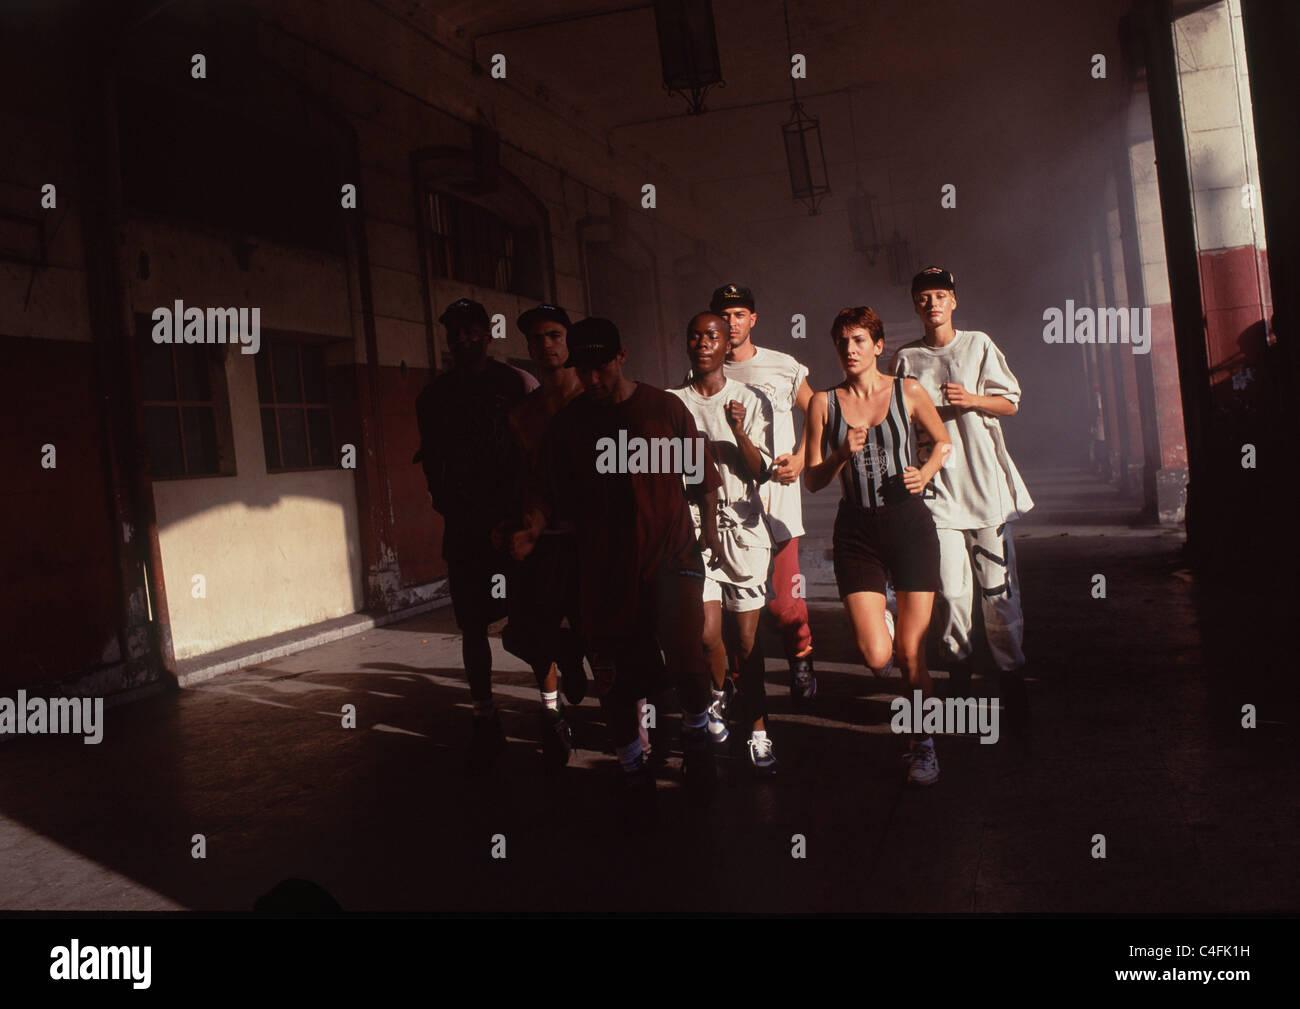 runners - Stock Image